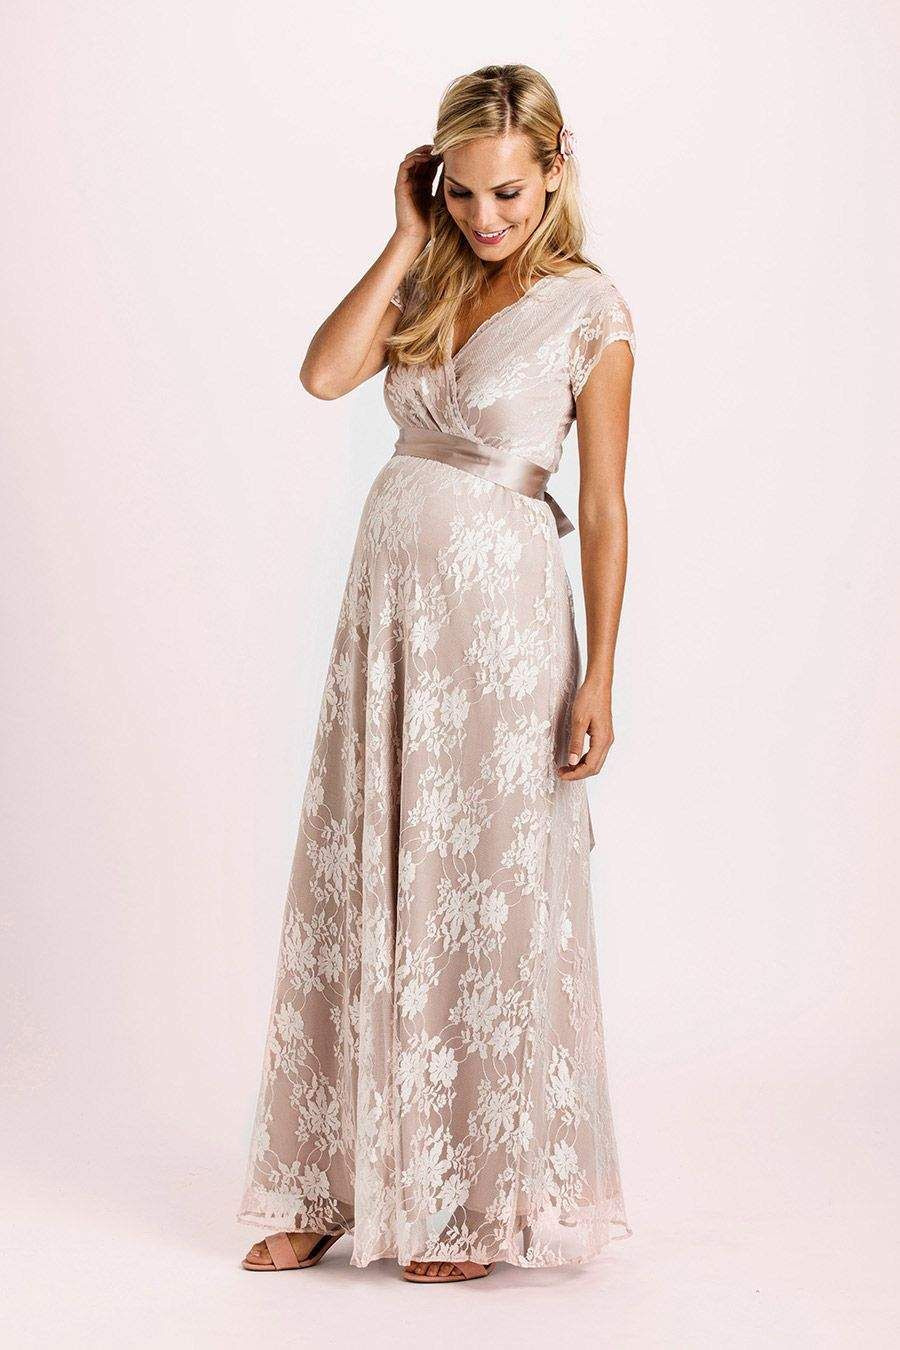 Luxurius Schwanger Abend Kleid Ärmel15 Spektakulär Schwanger Abend Kleid Stylish